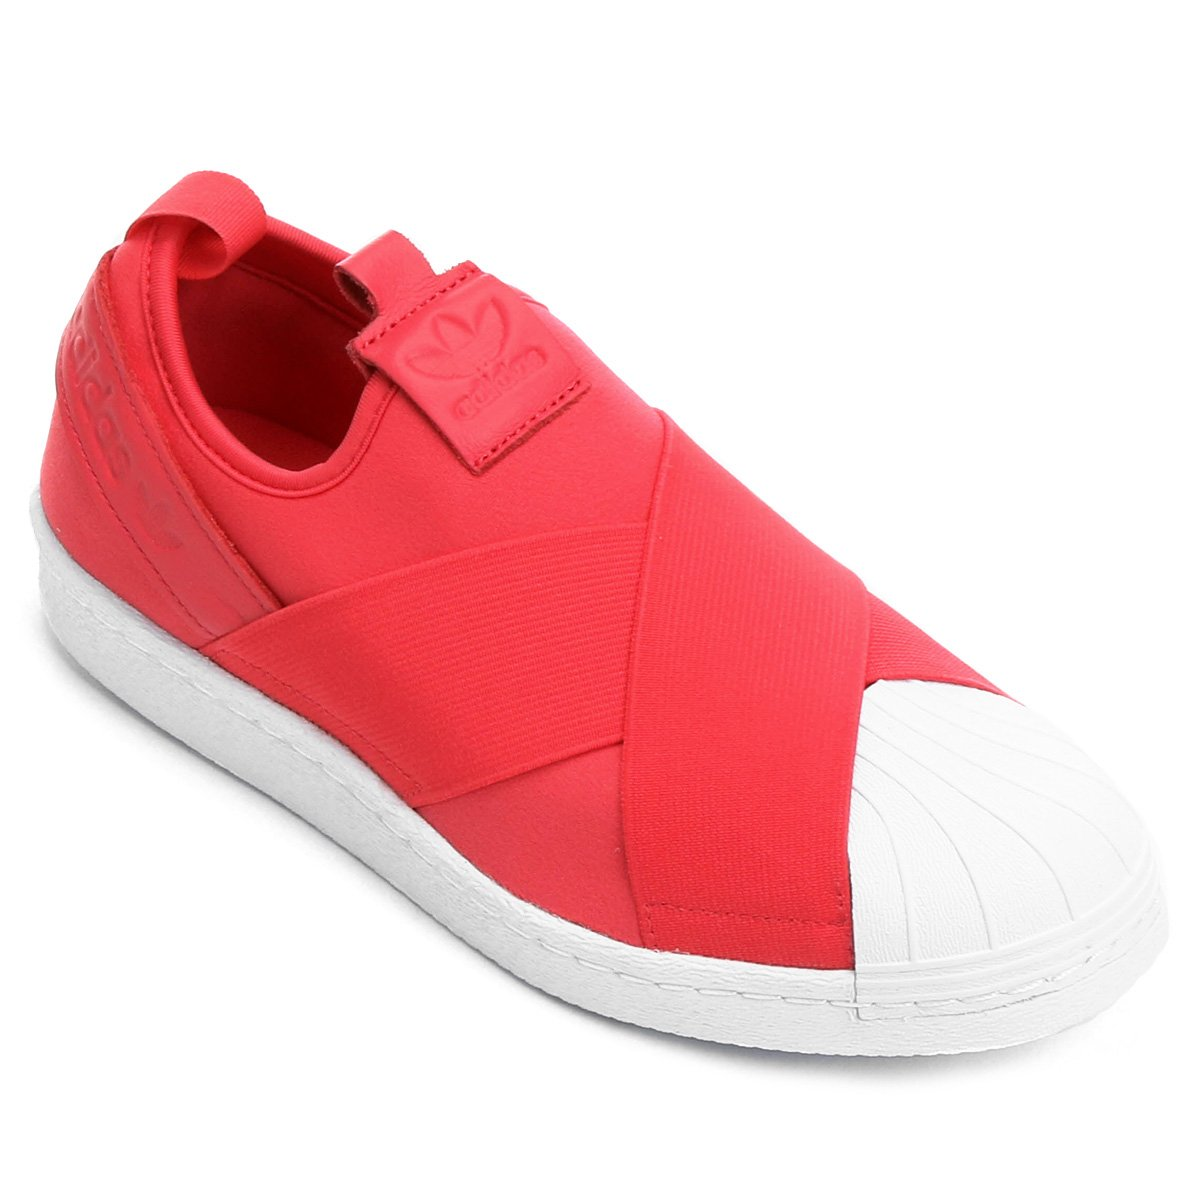 cb9af2347e8 Tênis Couro Adidas Superstar Feminino - Compre Agora